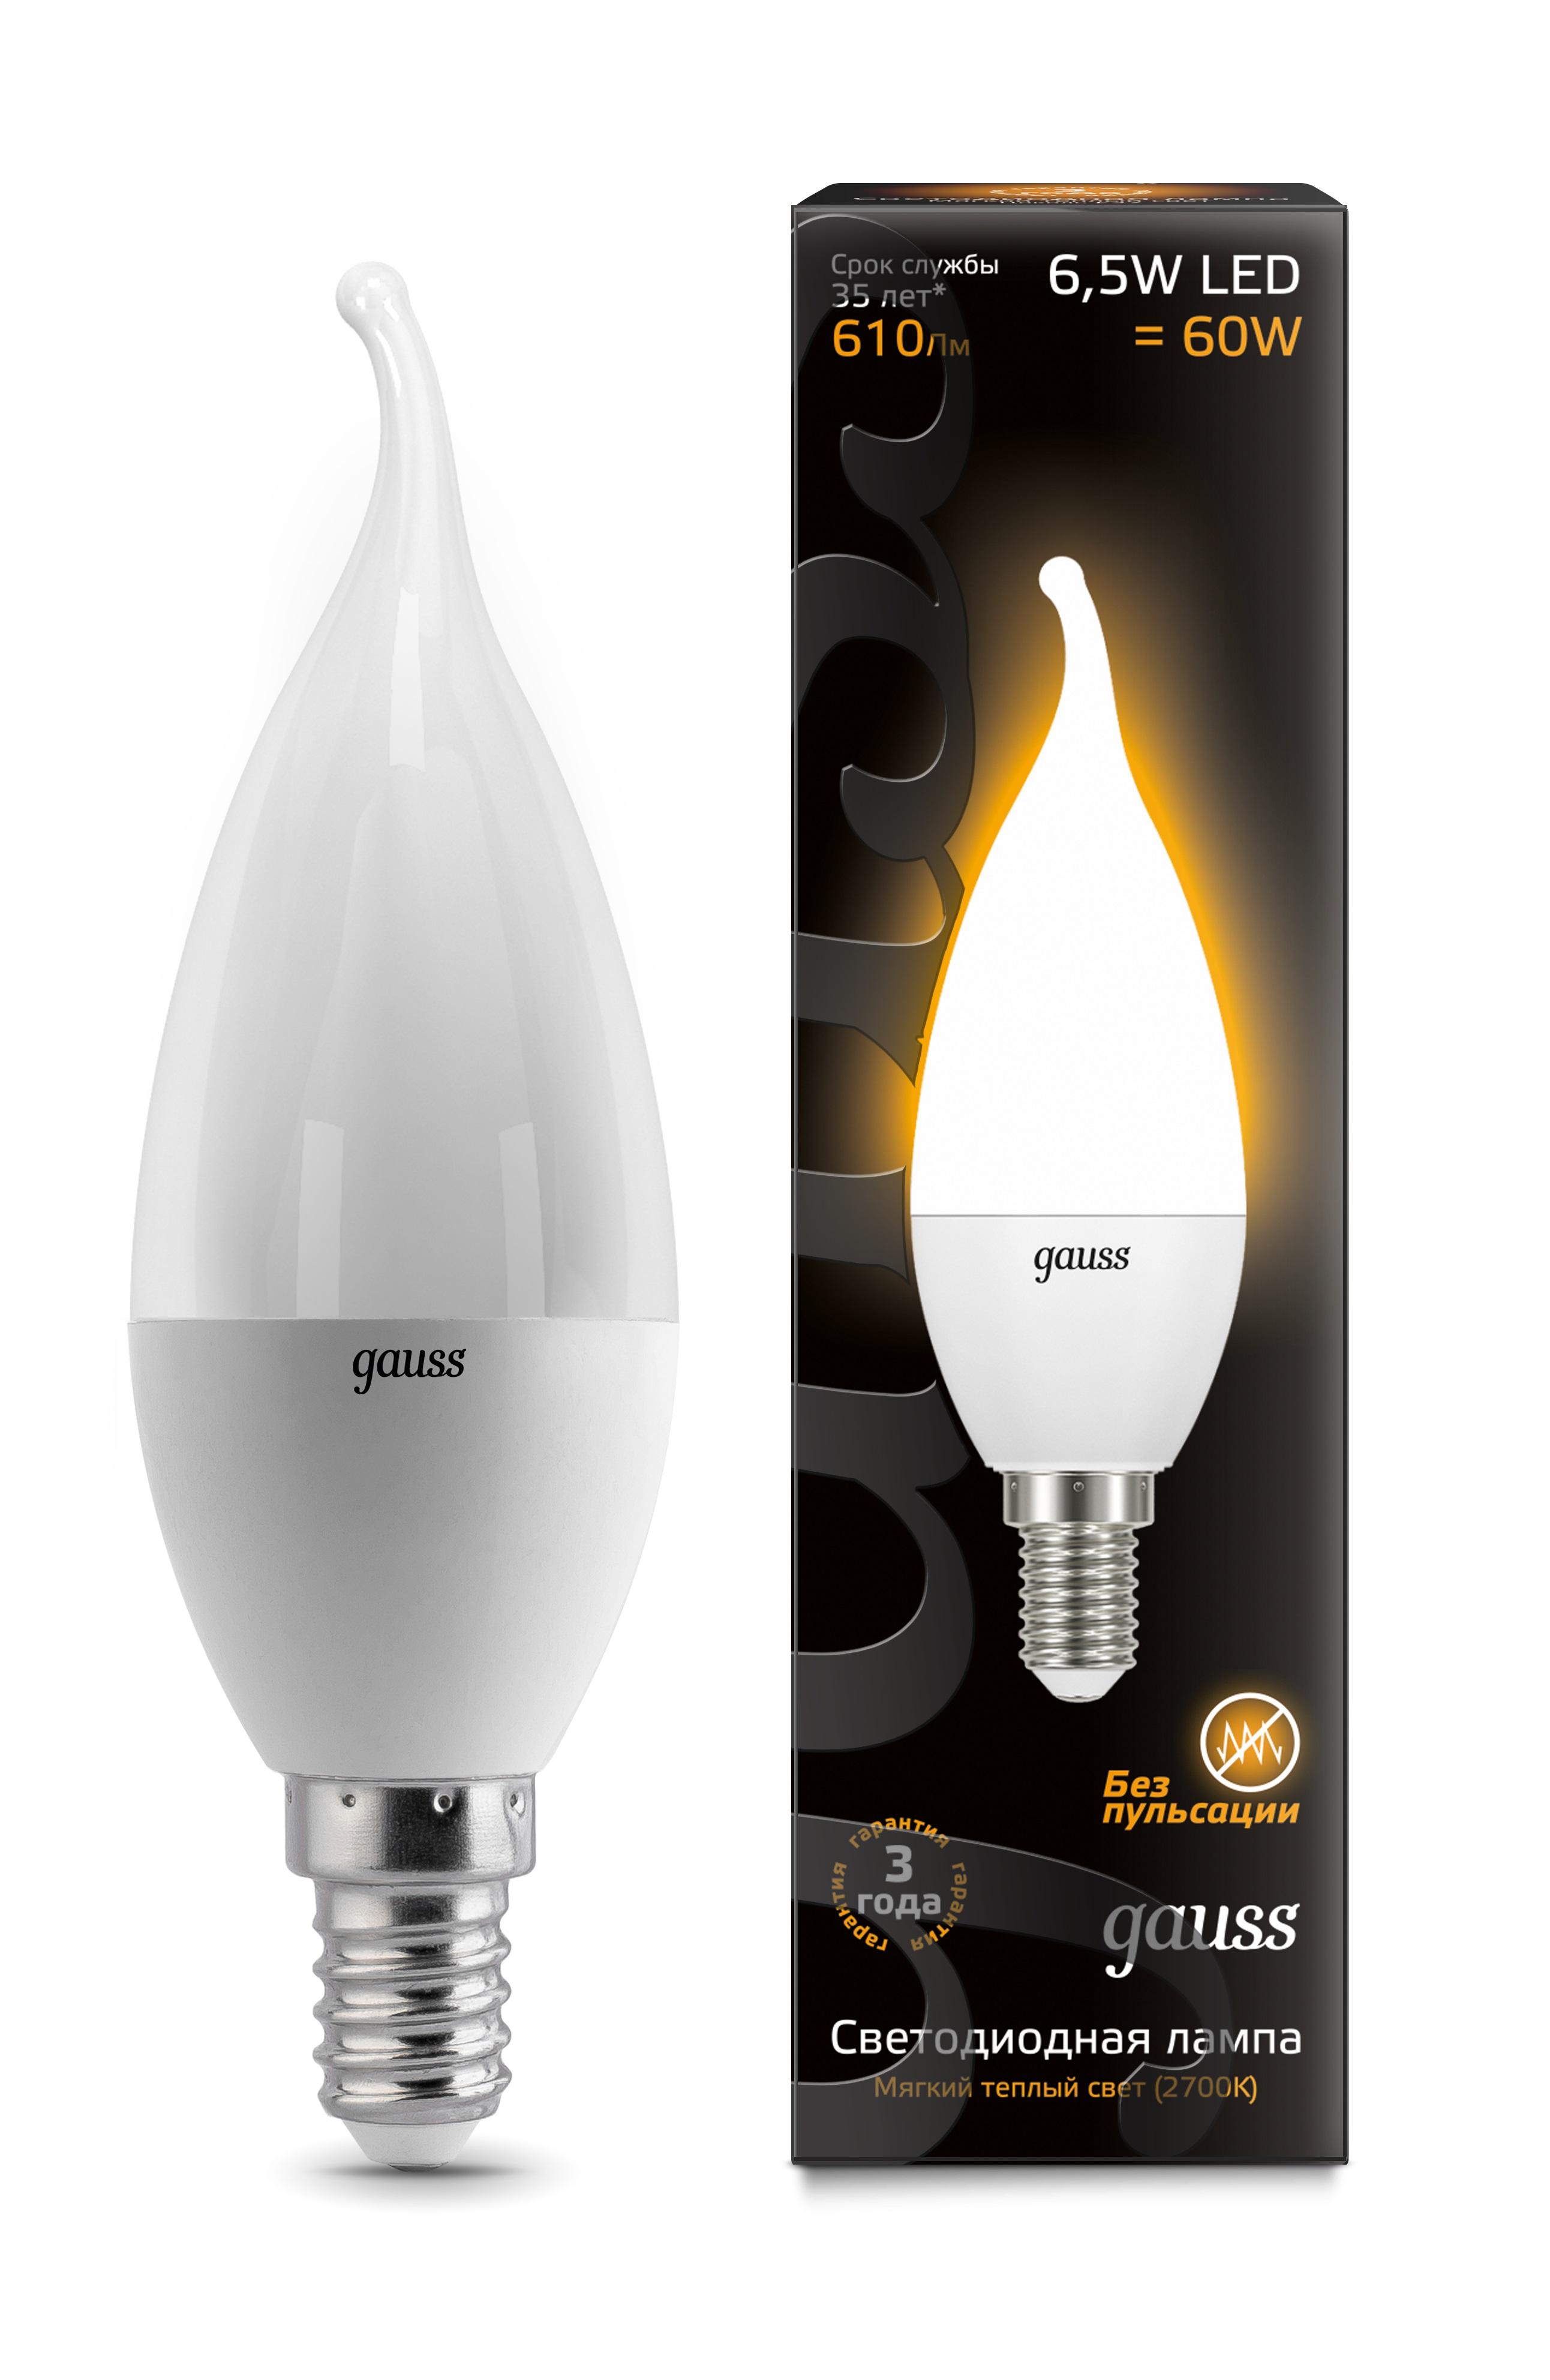 Лампа светодиодная GaussЛампы<br>Тип лампы: светодиодная,<br>Форма лампы: свеча на ветру,<br>Цвет колбы: белая,<br>Тип цоколя: Е14,<br>Напряжение: 220,<br>Мощность: 6.5,<br>Цветовая температура: 2700<br>